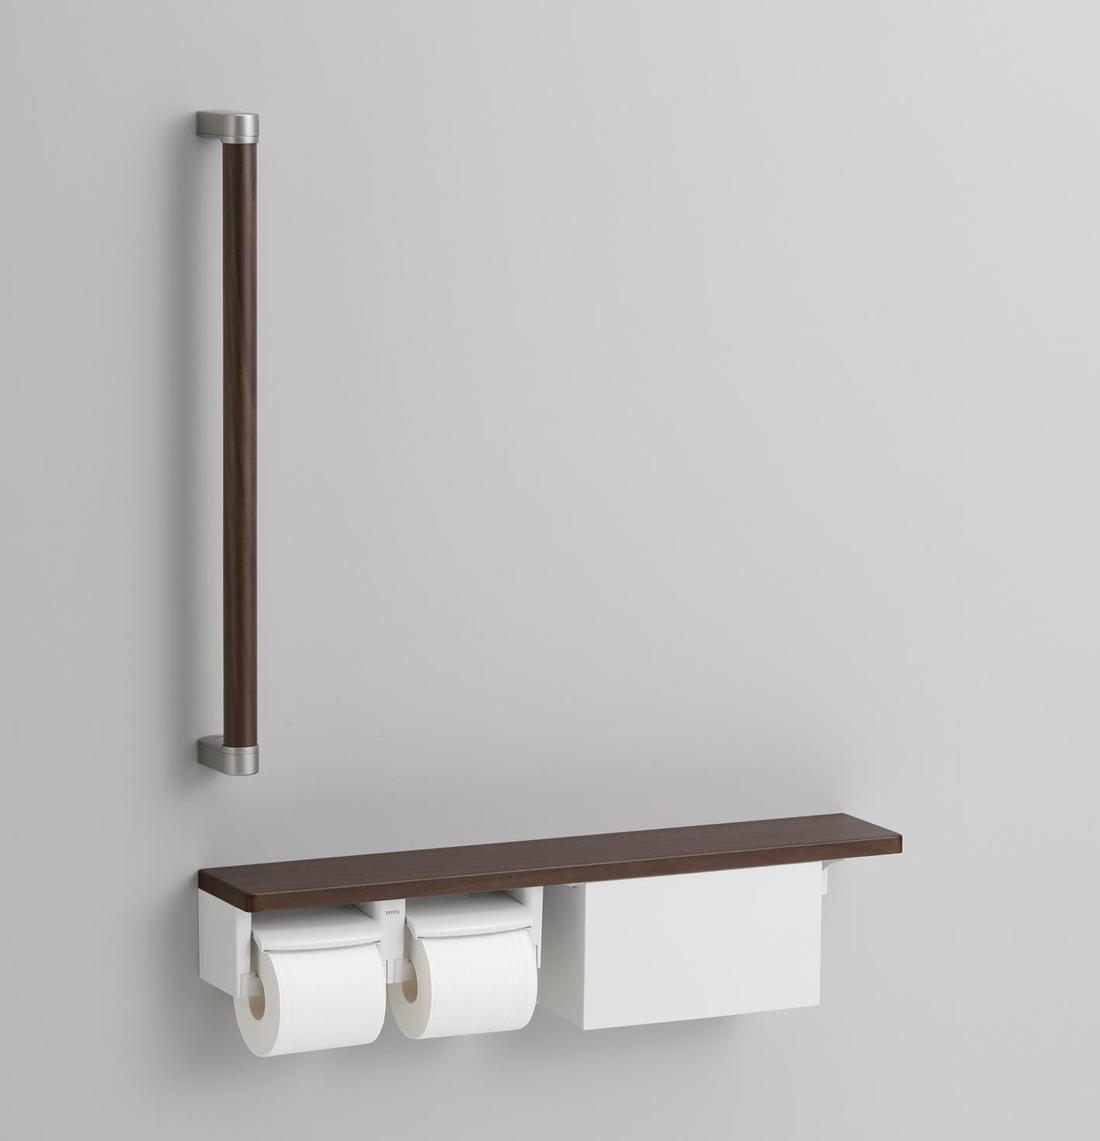 TOTO 新作送料無料 紙巻器一体型 木製手すり 激安セール YHBS603FB 収納付 棚別体タイプ